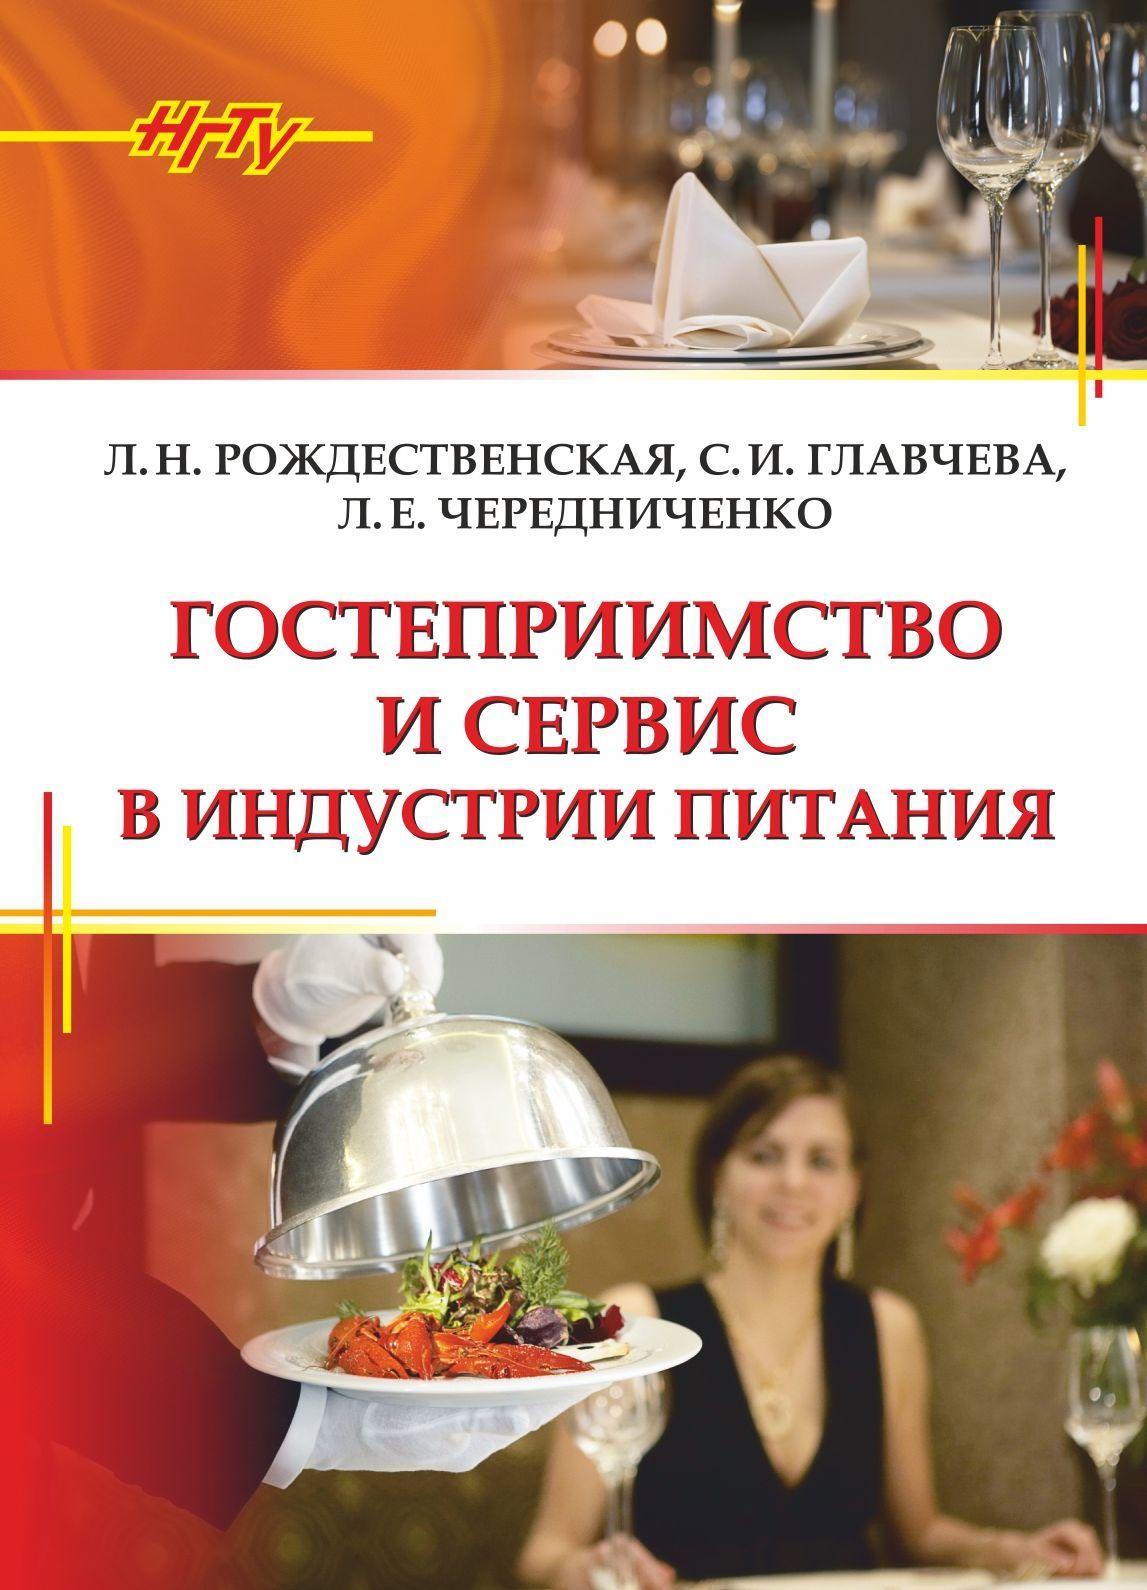 Светлана Главчева бесплатно